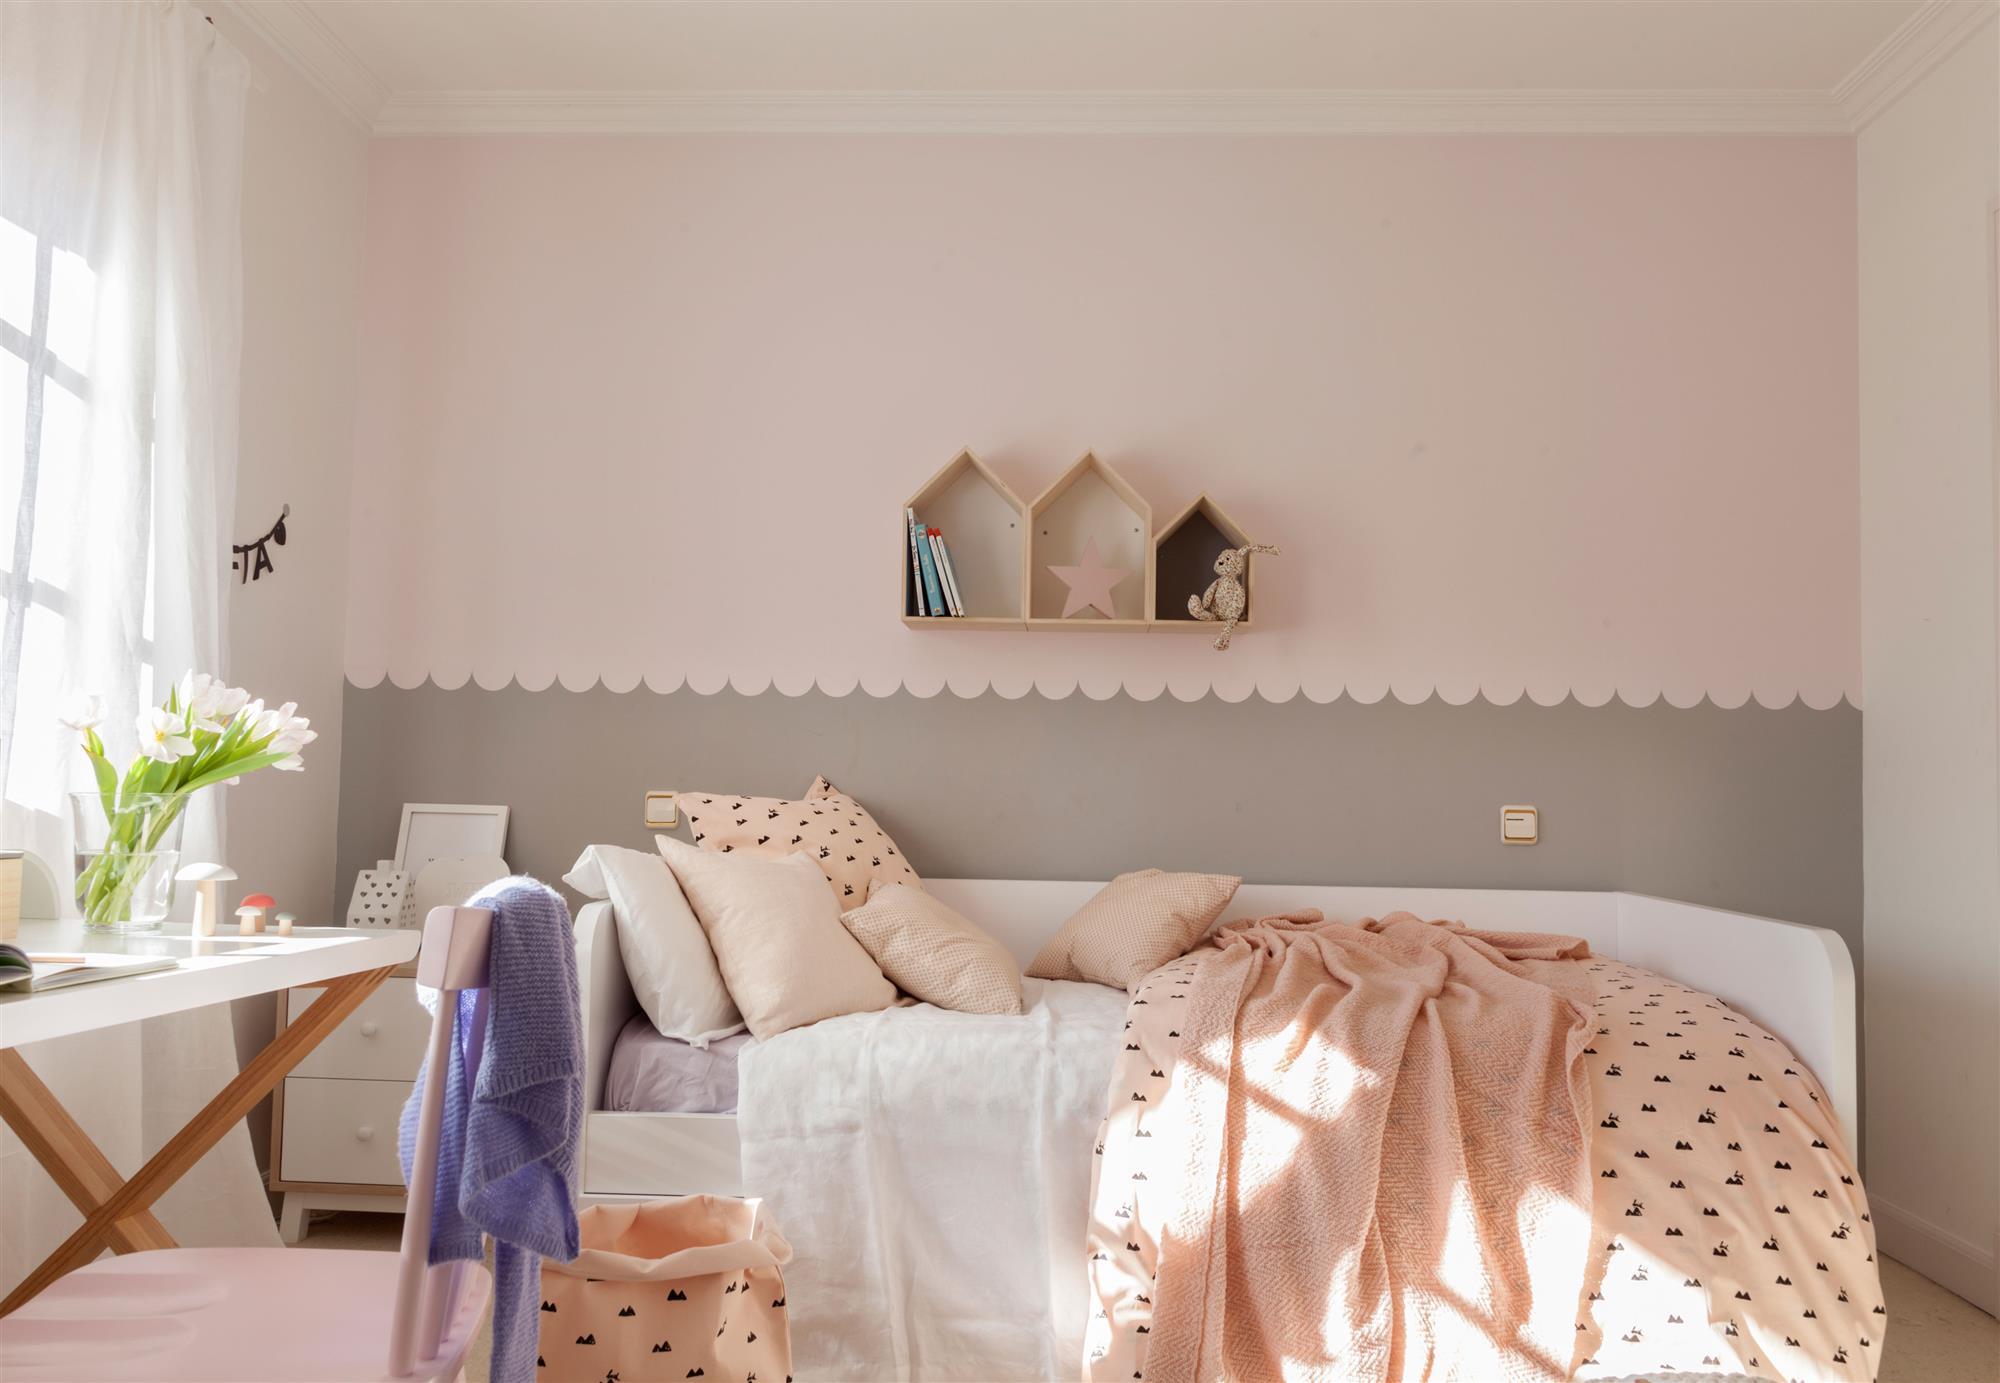 Pintar dormitorio infantil for Decoracion habitacion nina gris y rosa